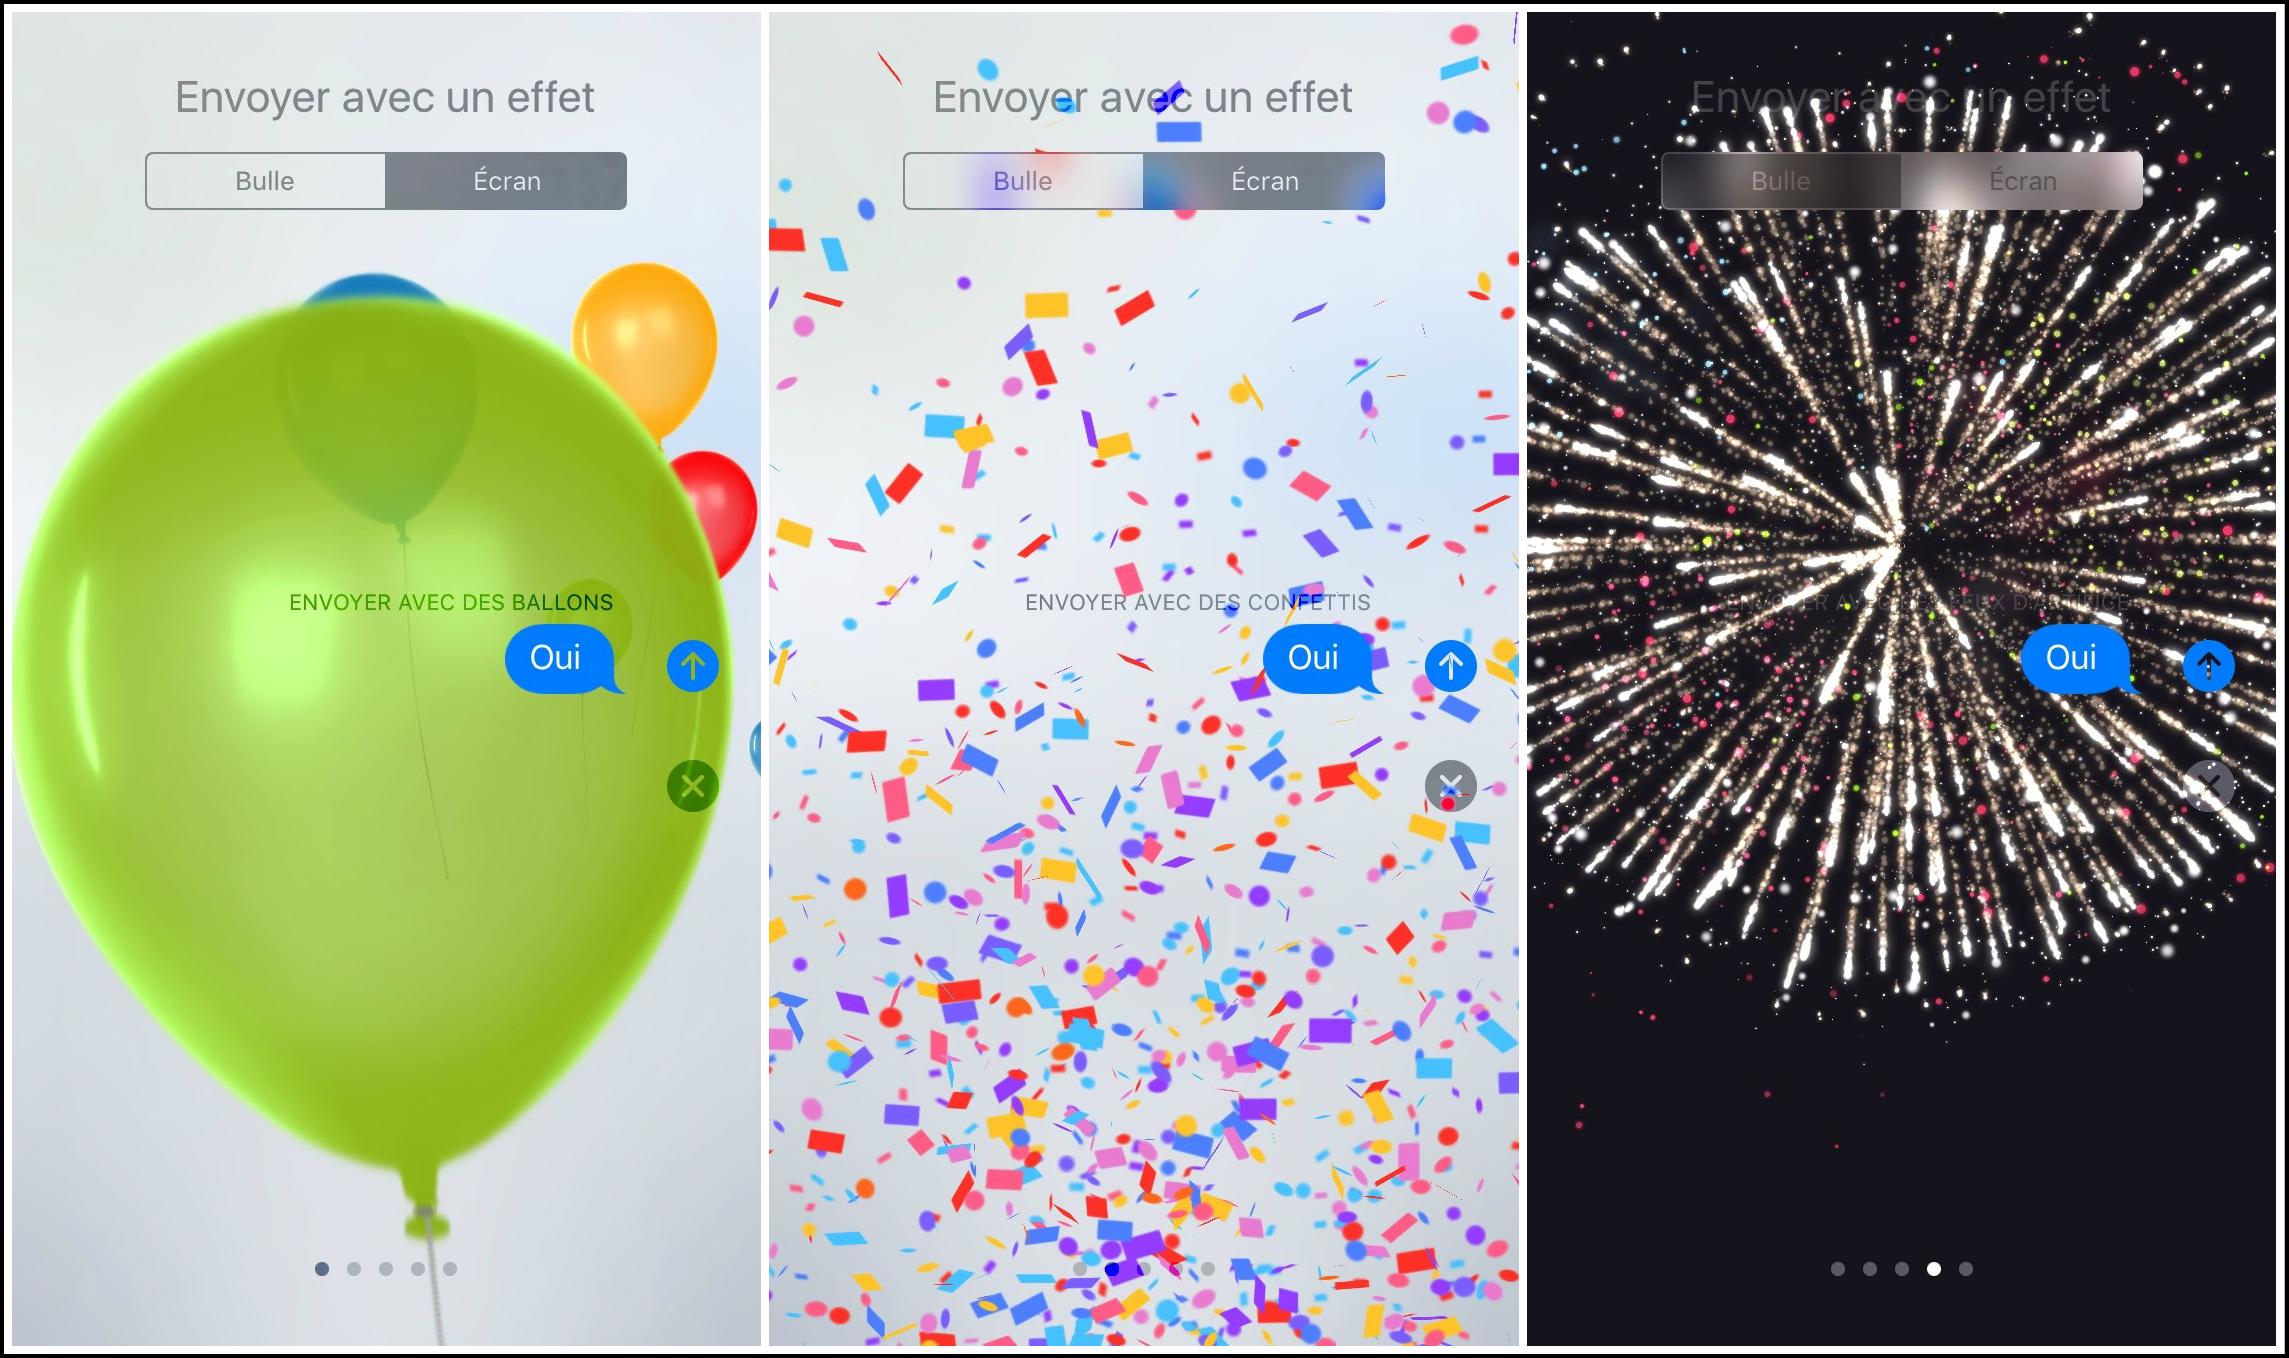 Comment envoyer des iMessages avec les effets plein écran